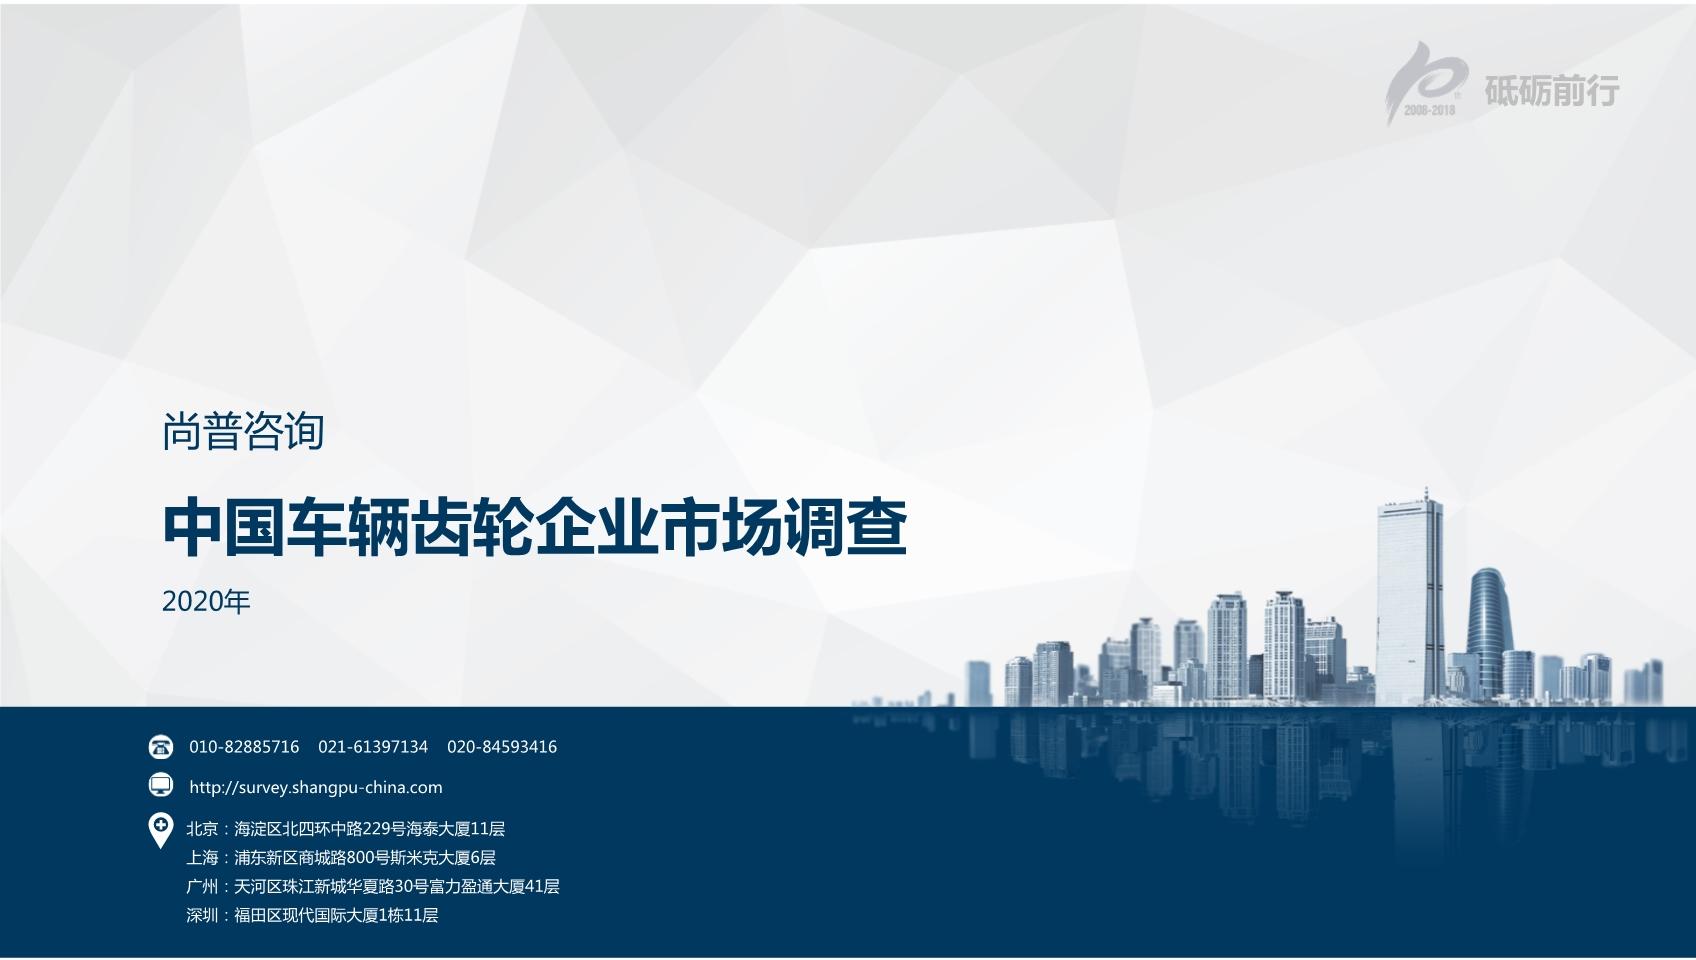 尚普咨询:2020年中国车辆齿轮企业市场调查